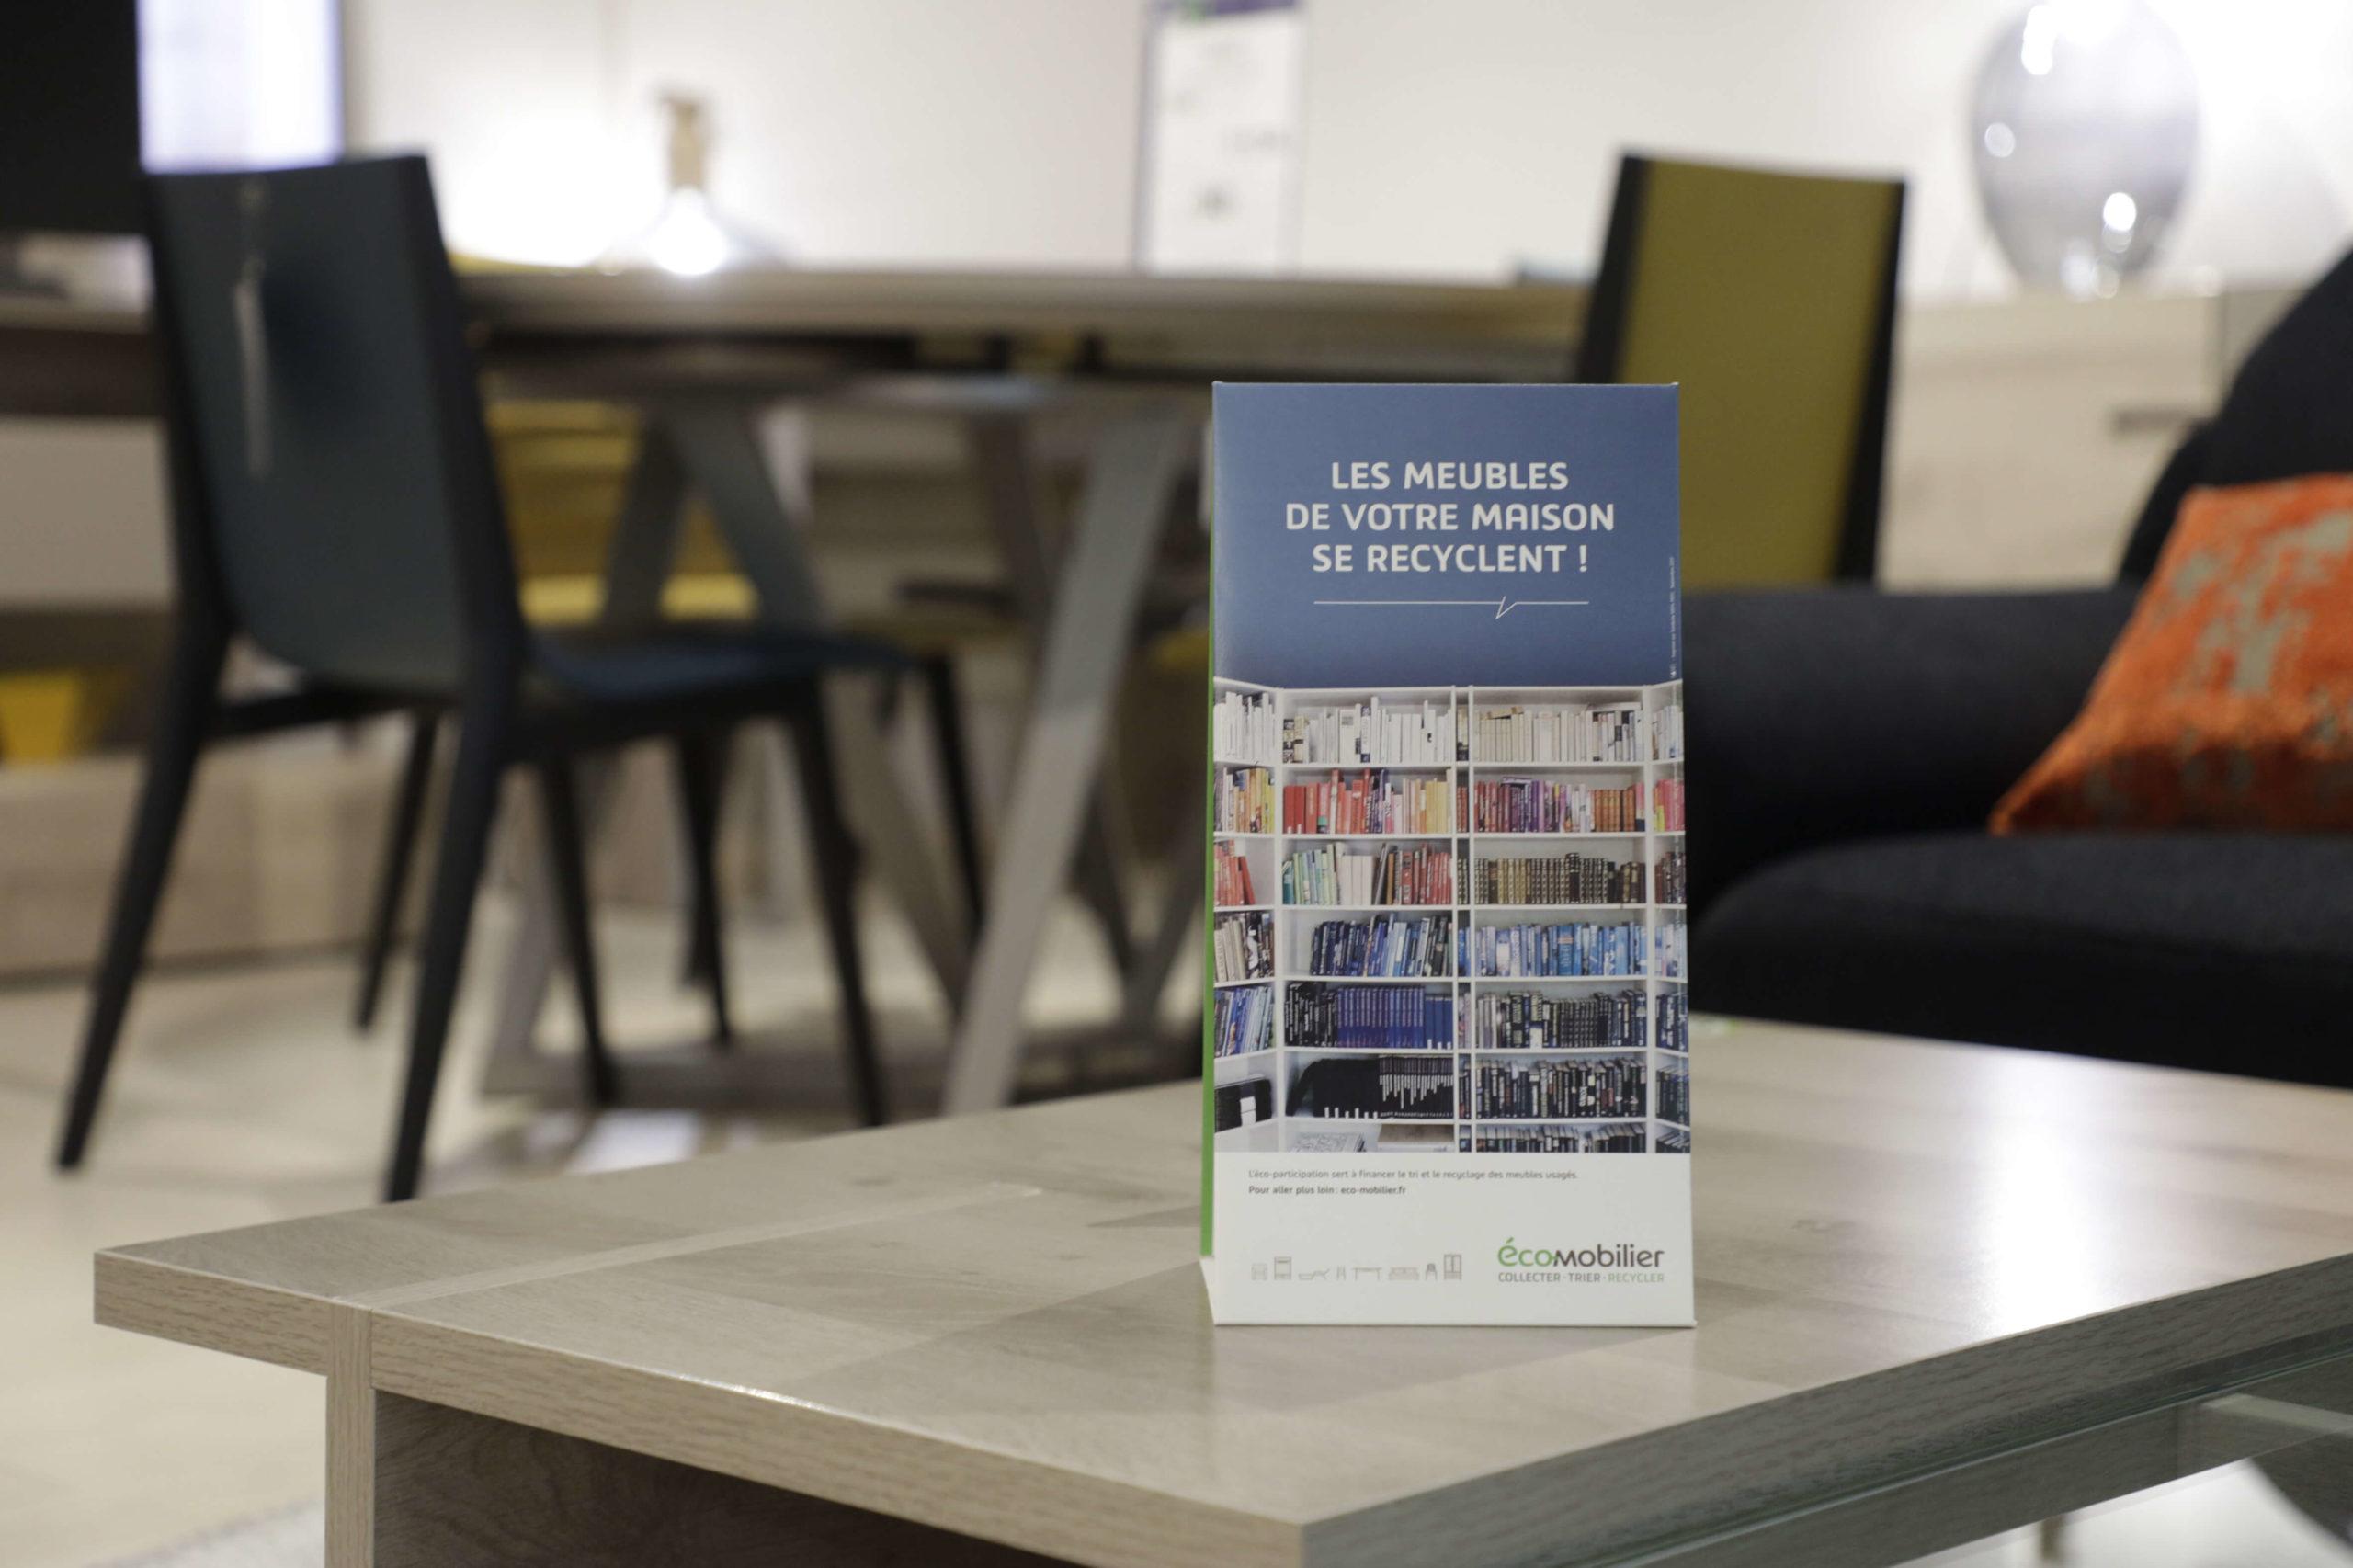 Comment Eco-mobilier anticipe la réglementation